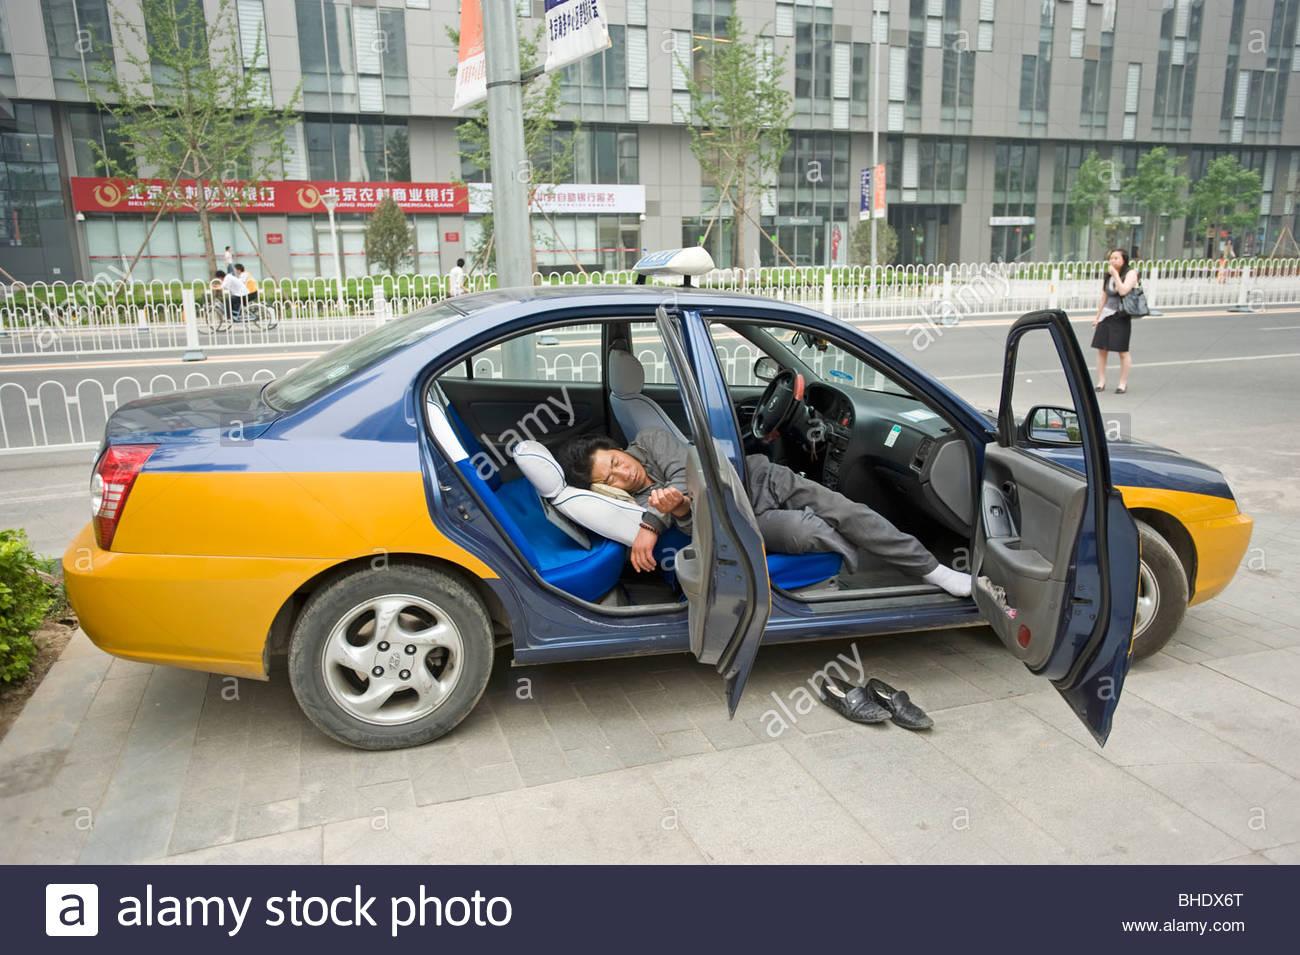 La vita quotidiana. Pechino, Cina Immagini Stock